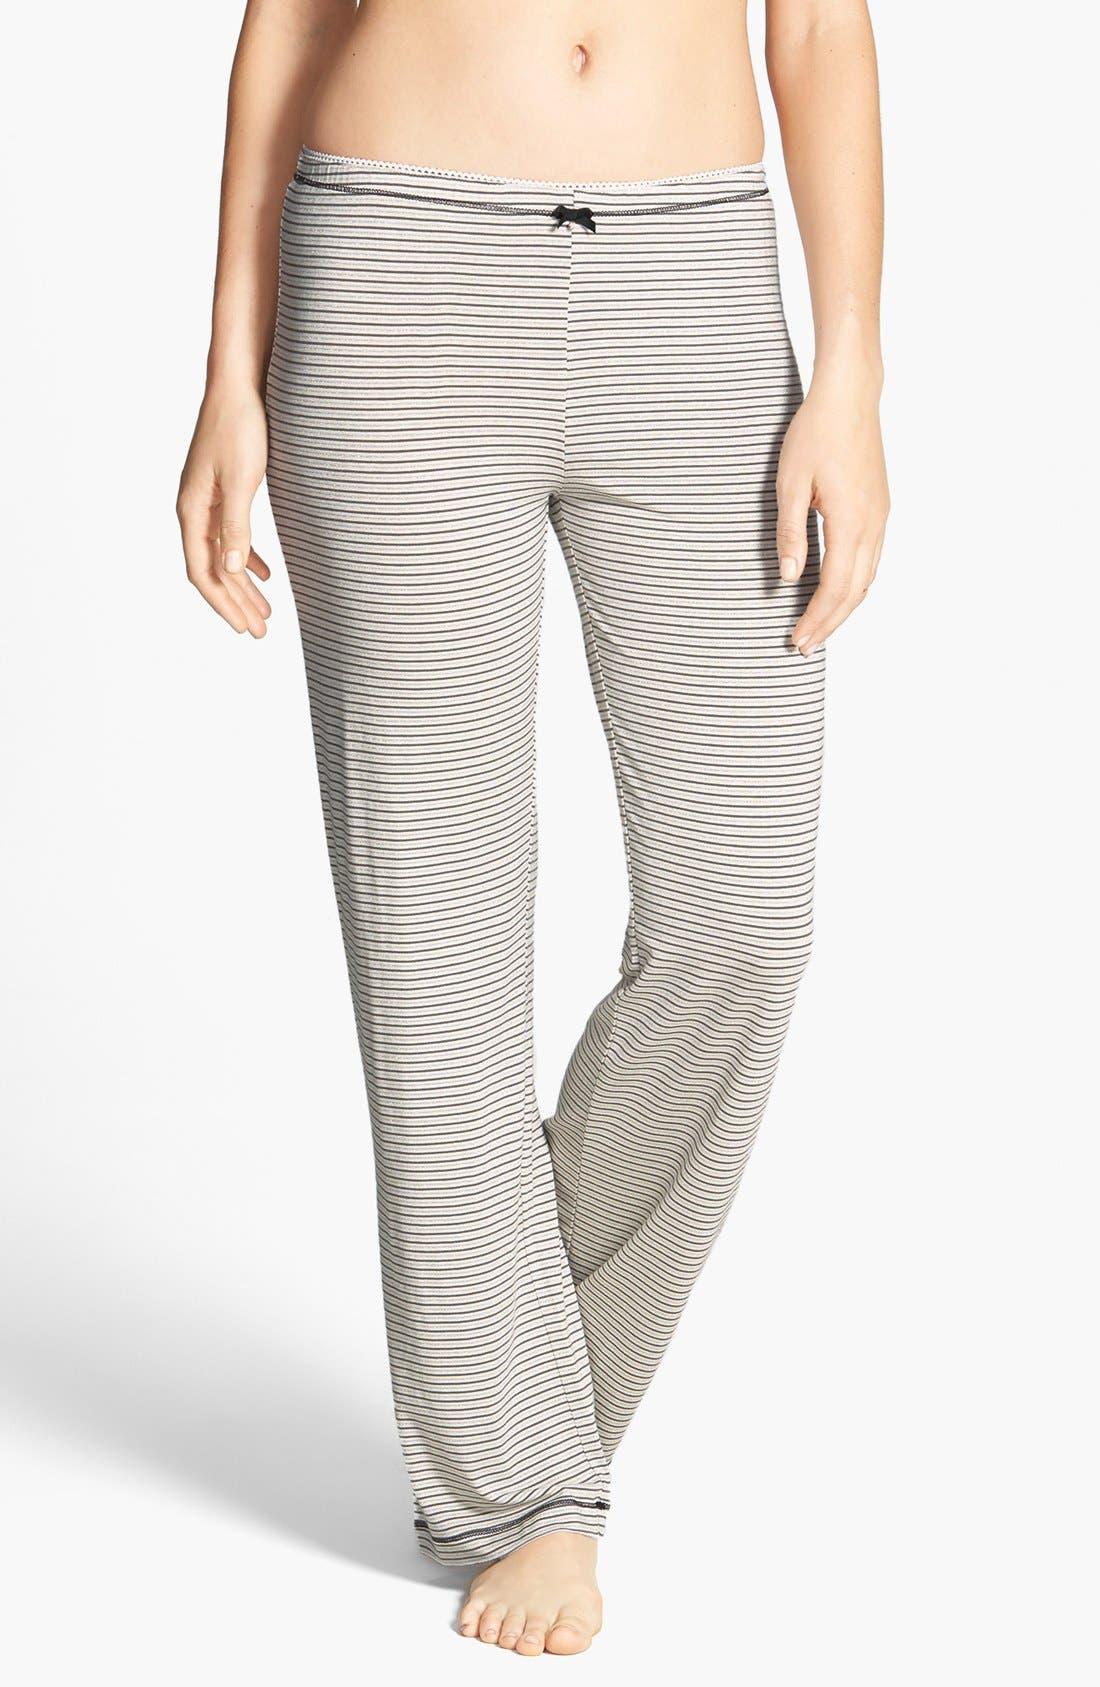 Alternate Image 1 Selected - kensie 'Seasonal Keepers' Print Pajama Pants